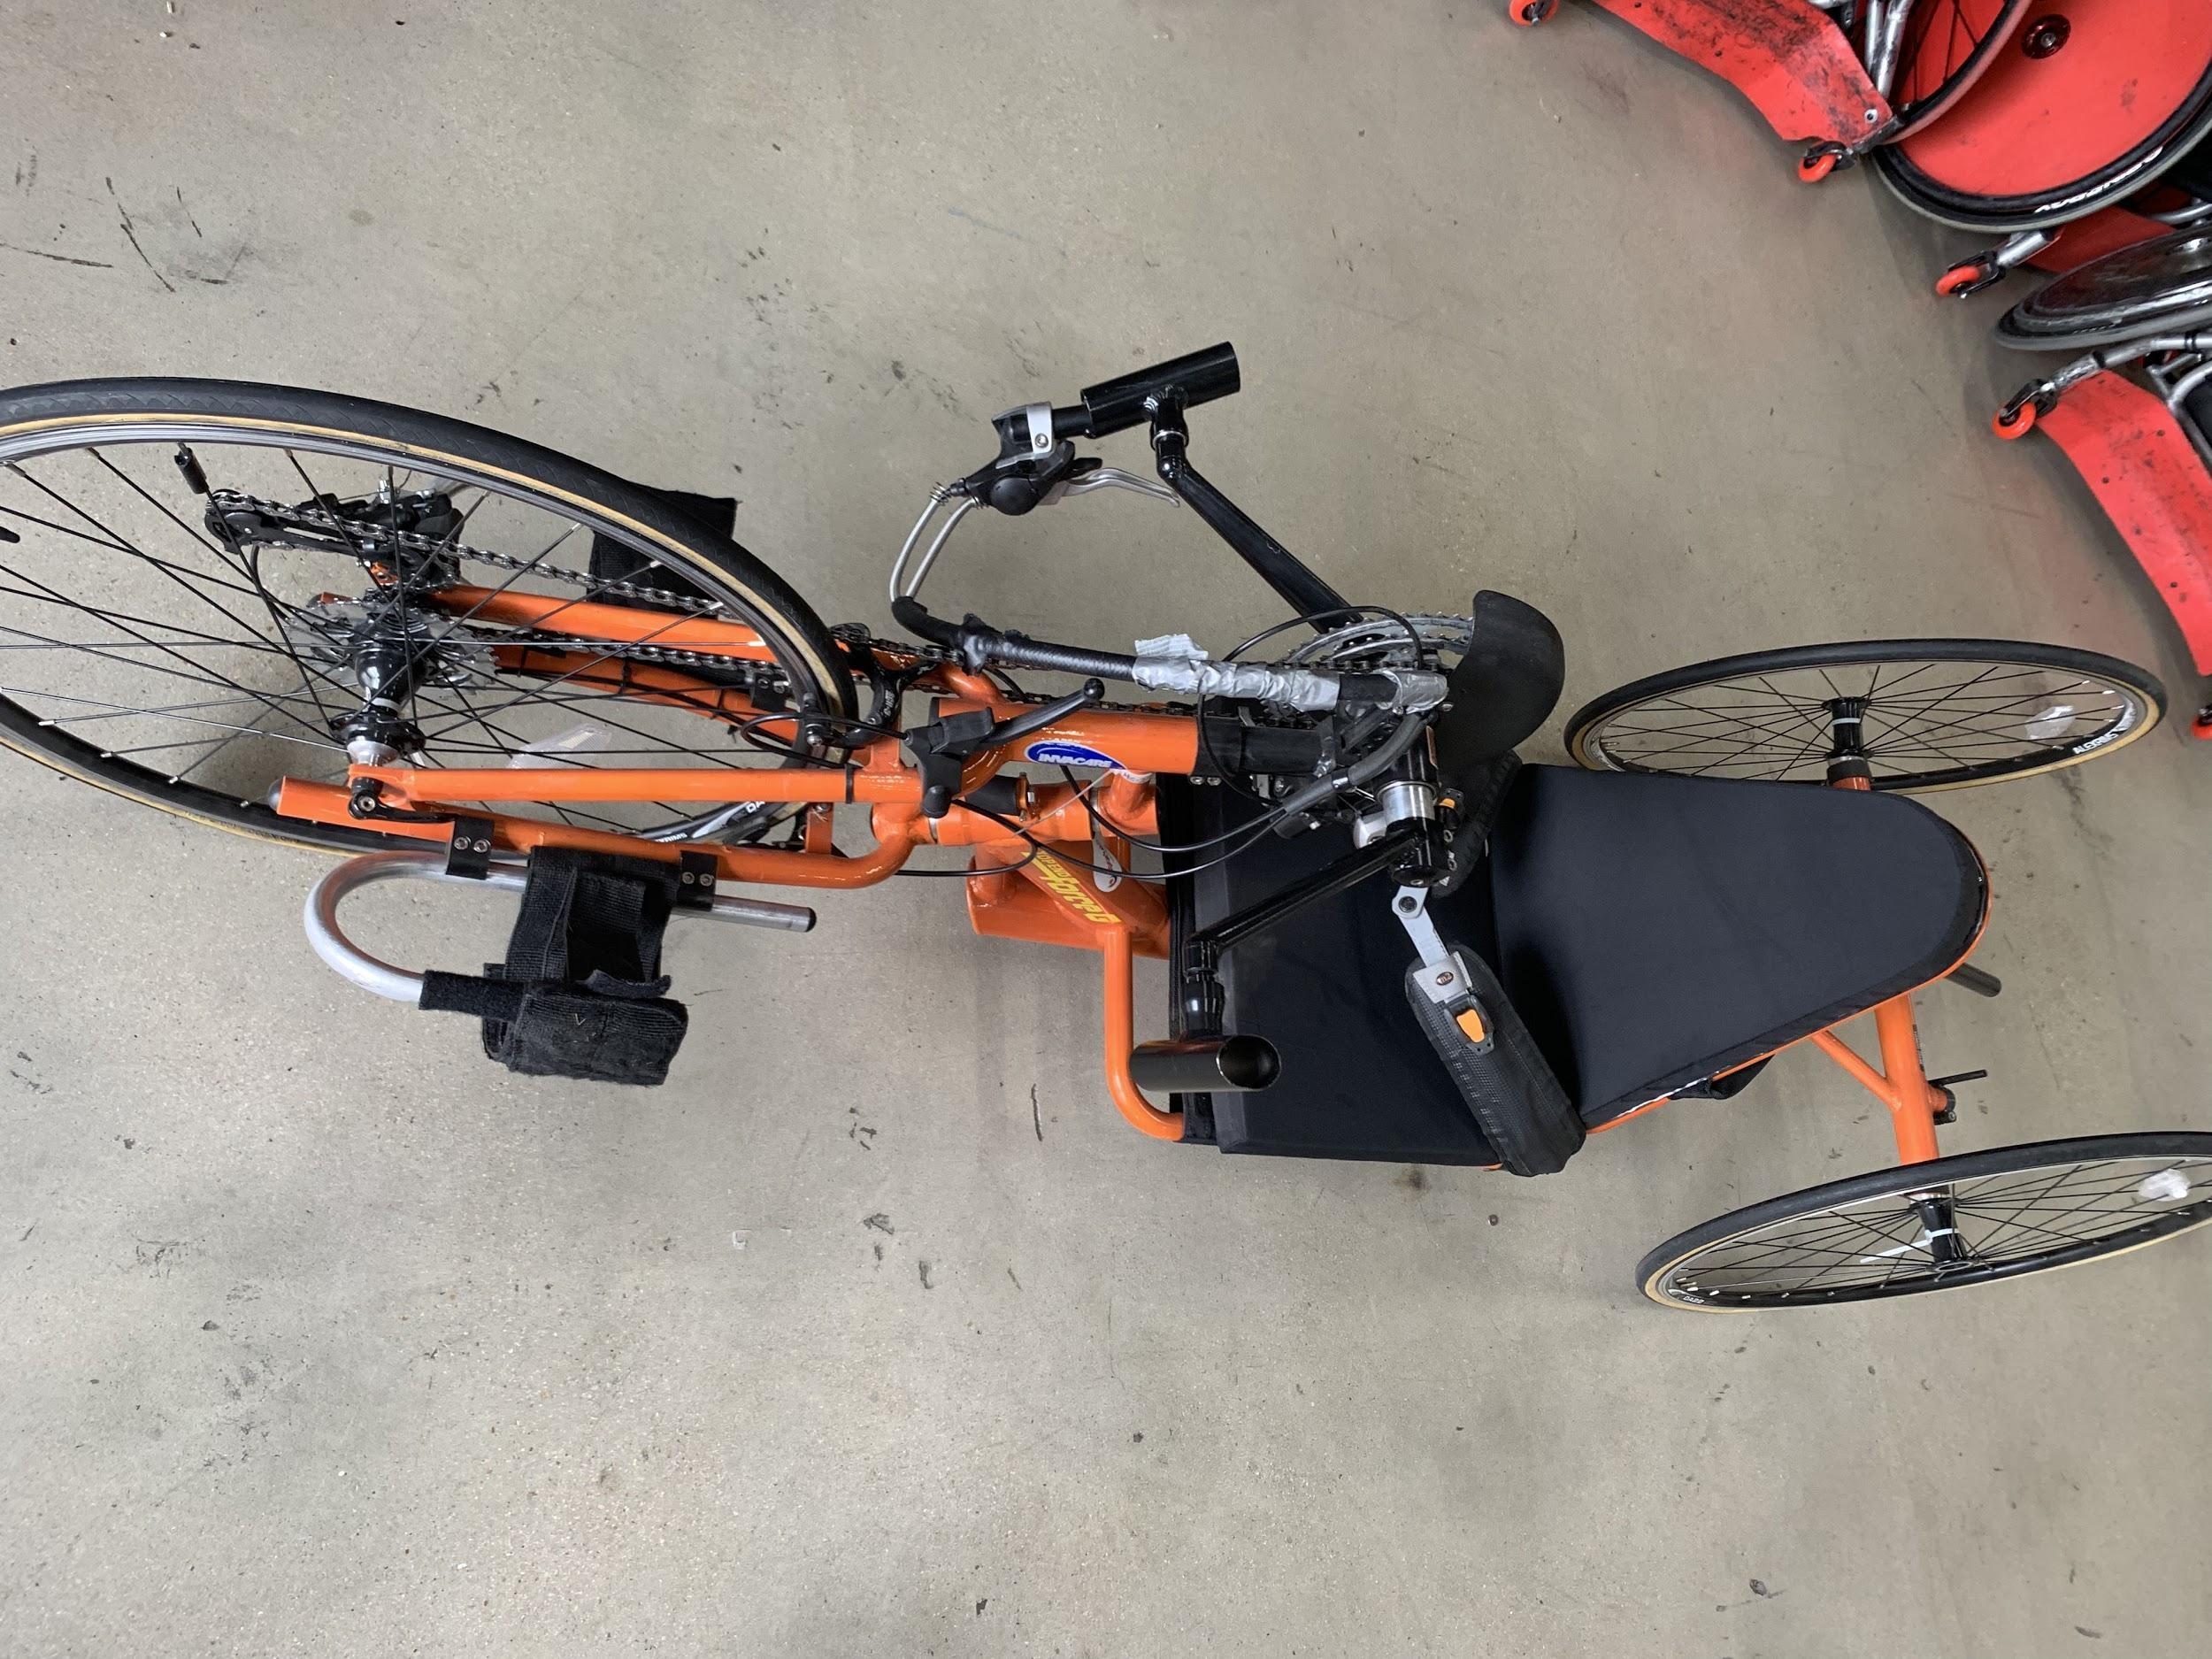 Handcycle photo